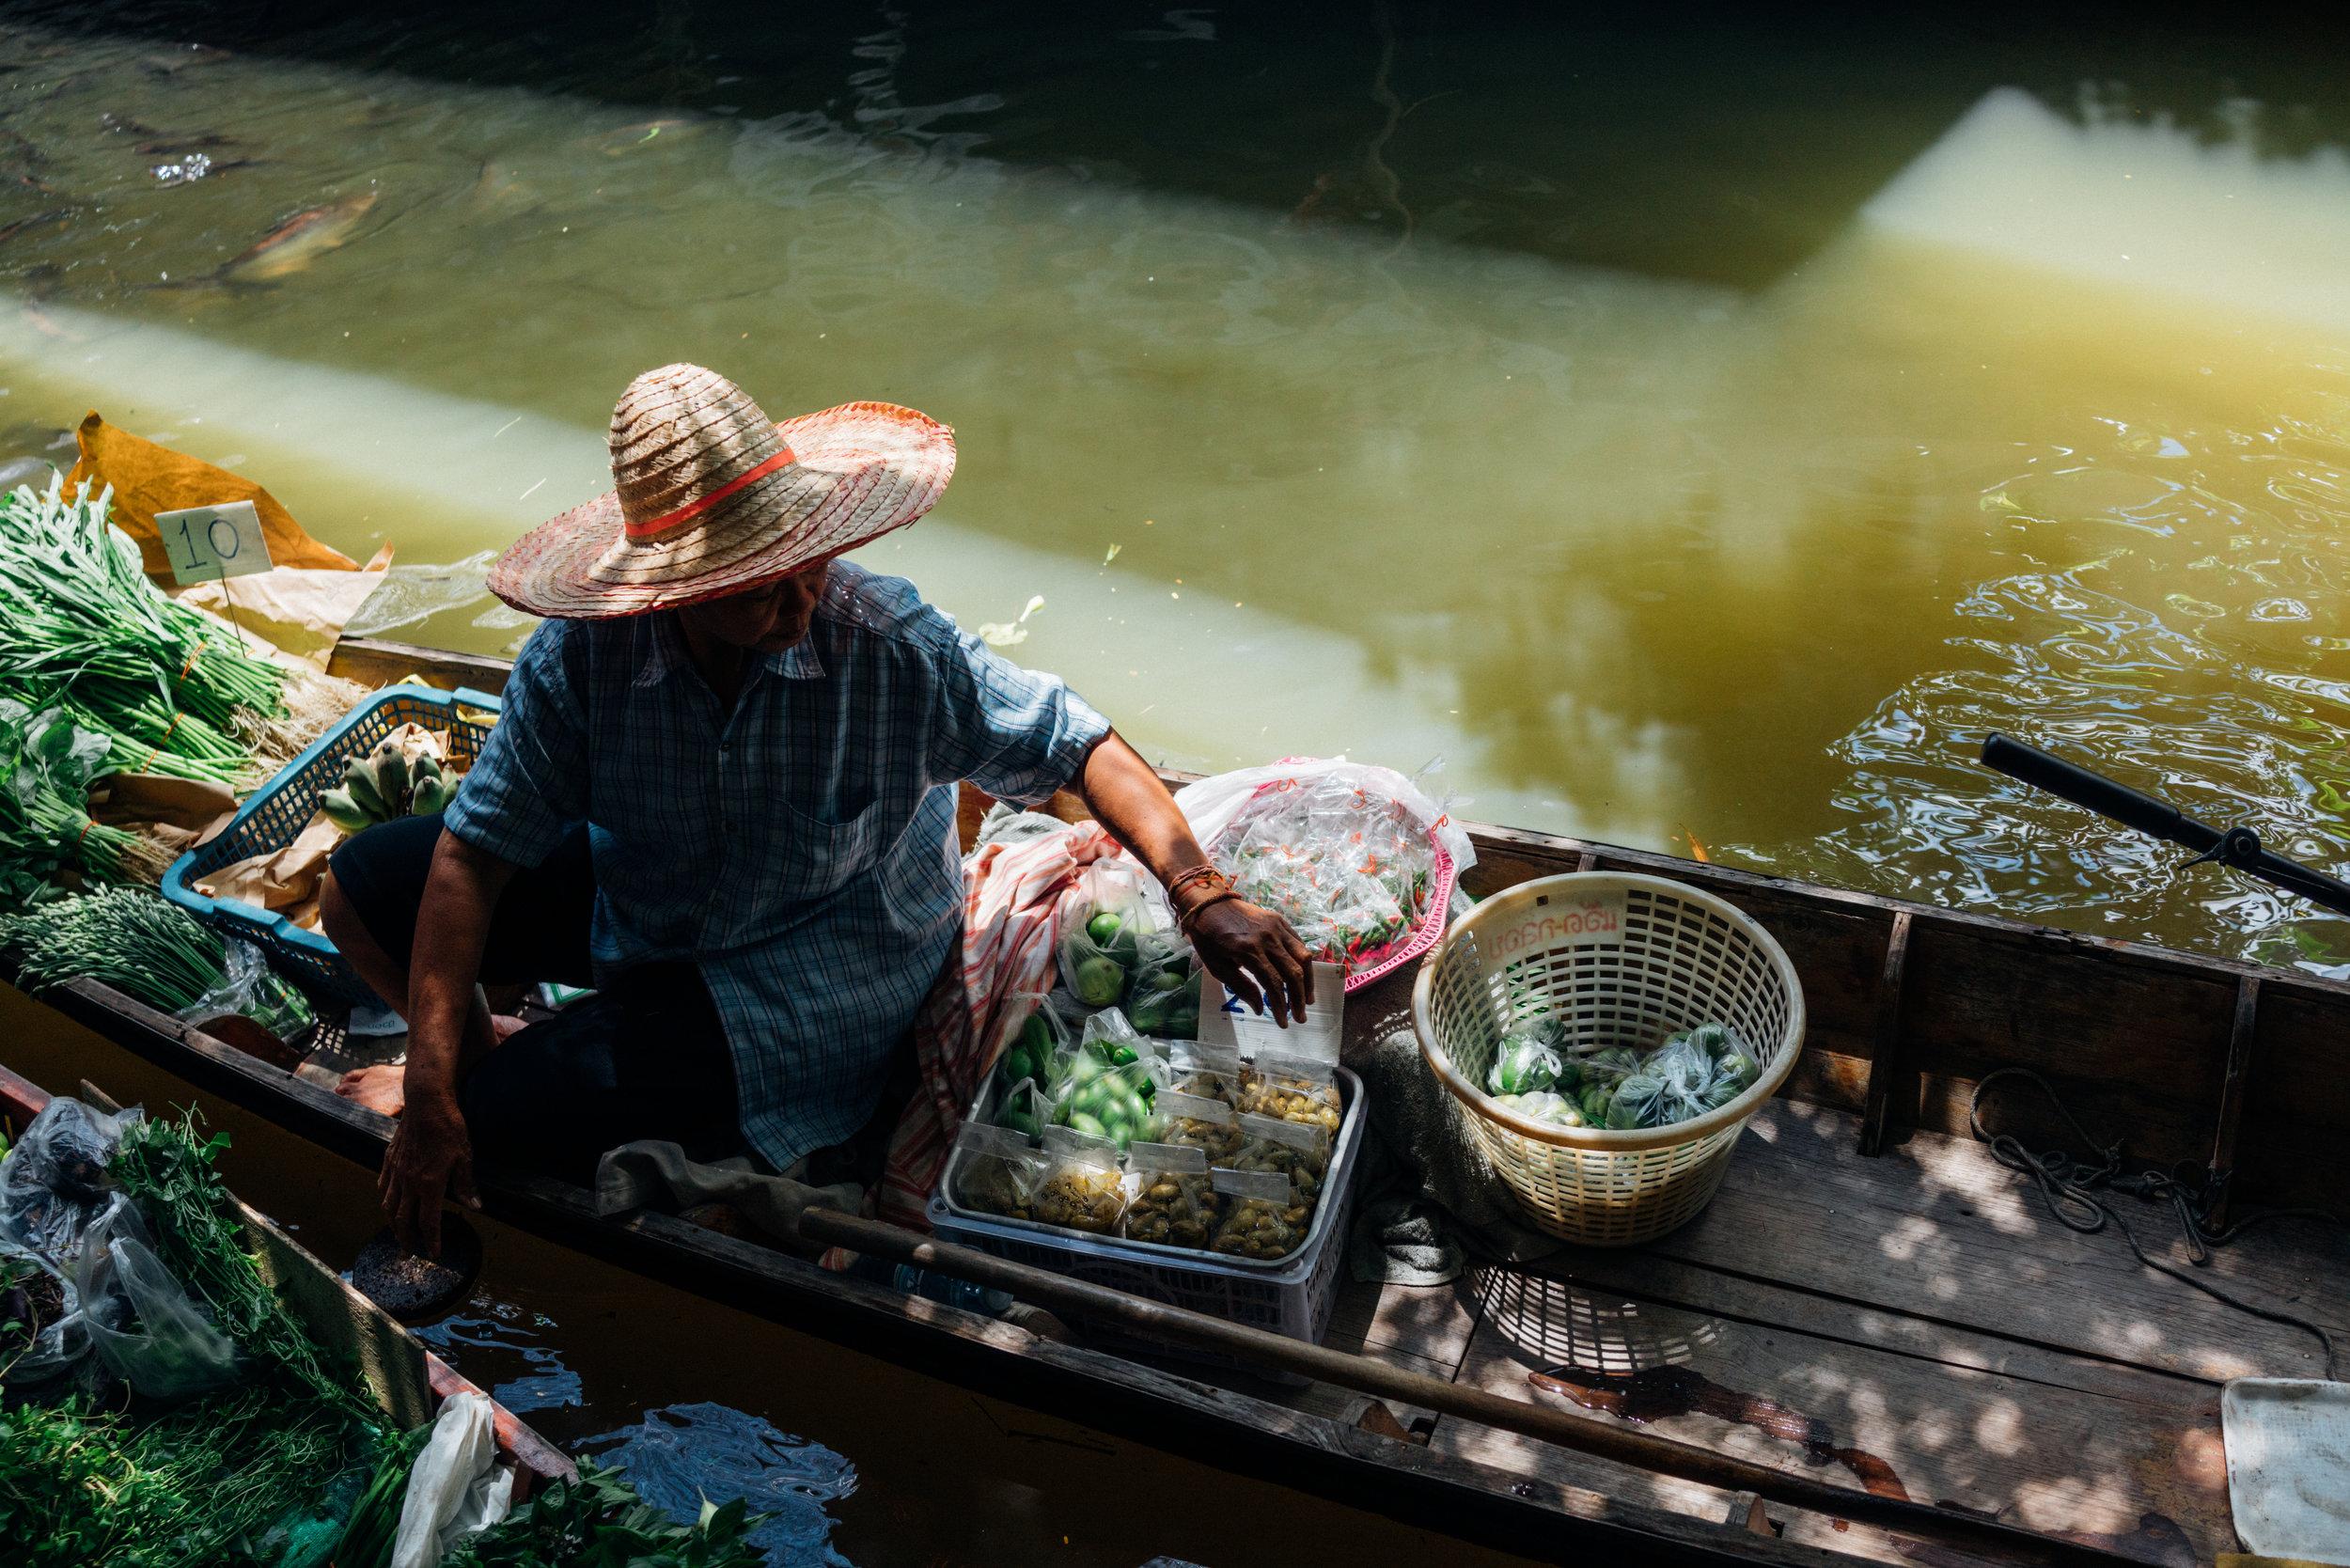 One of the few floating vendors at Khlong Lat Mayom Floating Market